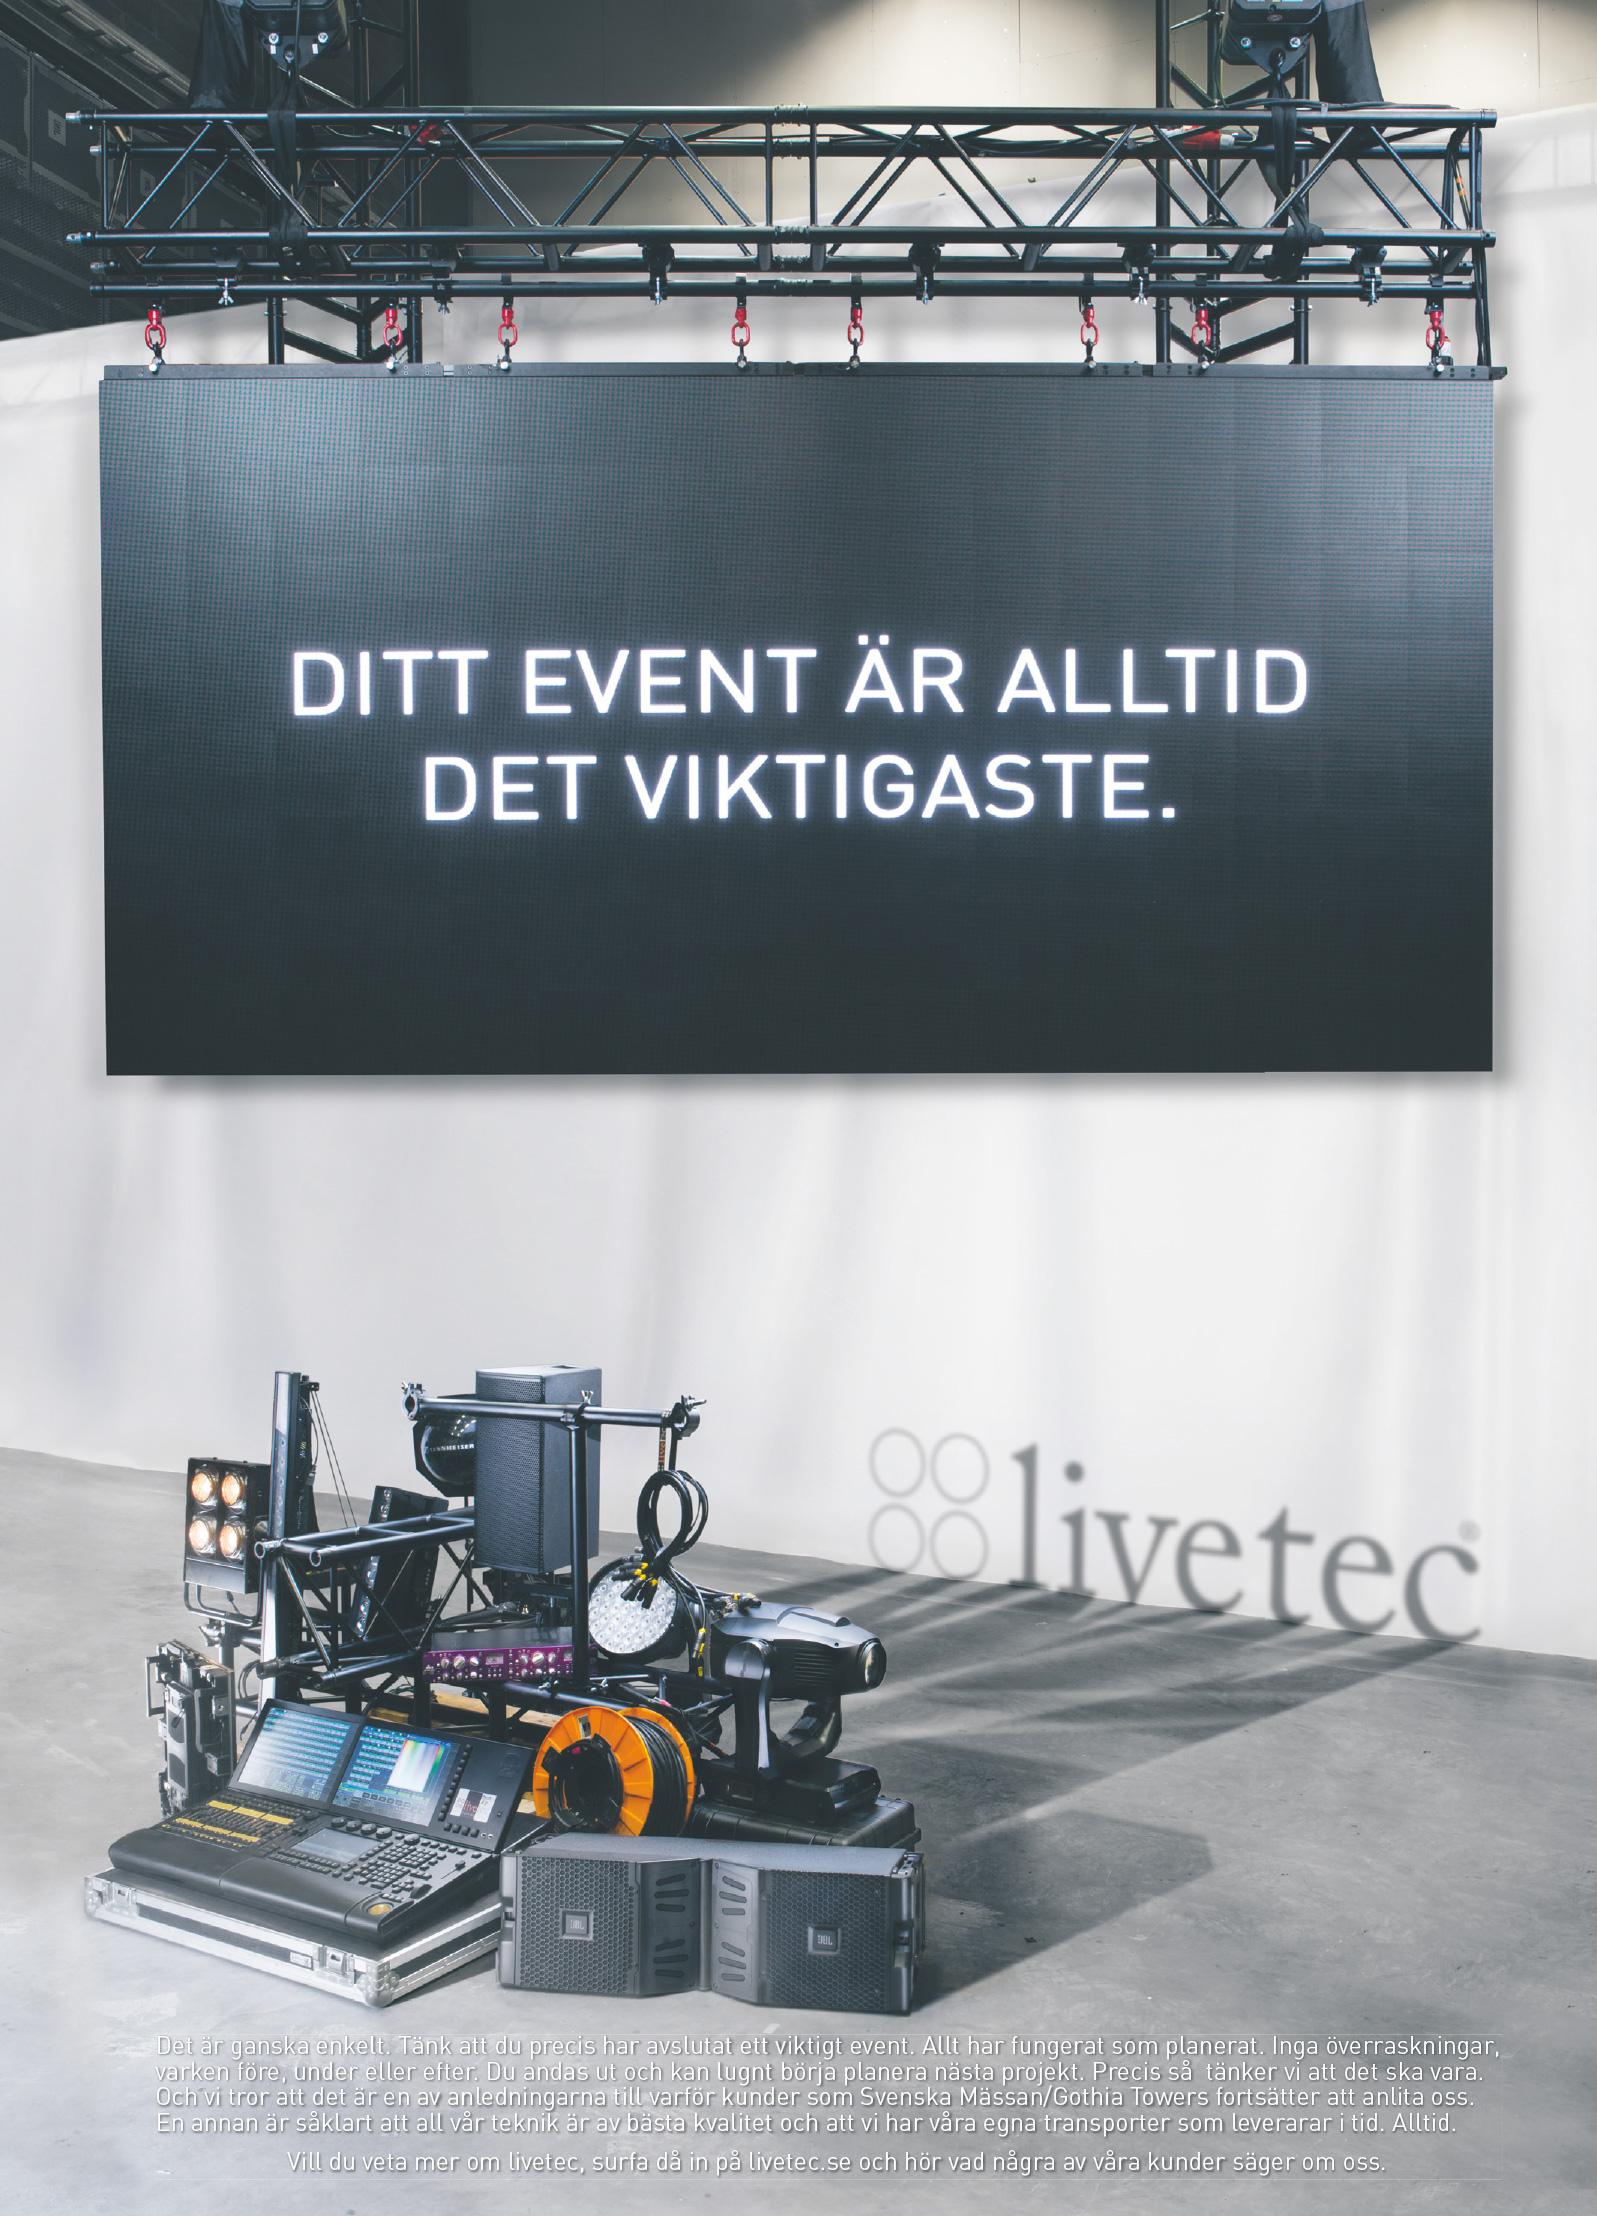 Kund: Livetec. Annons i Dagens Industri.